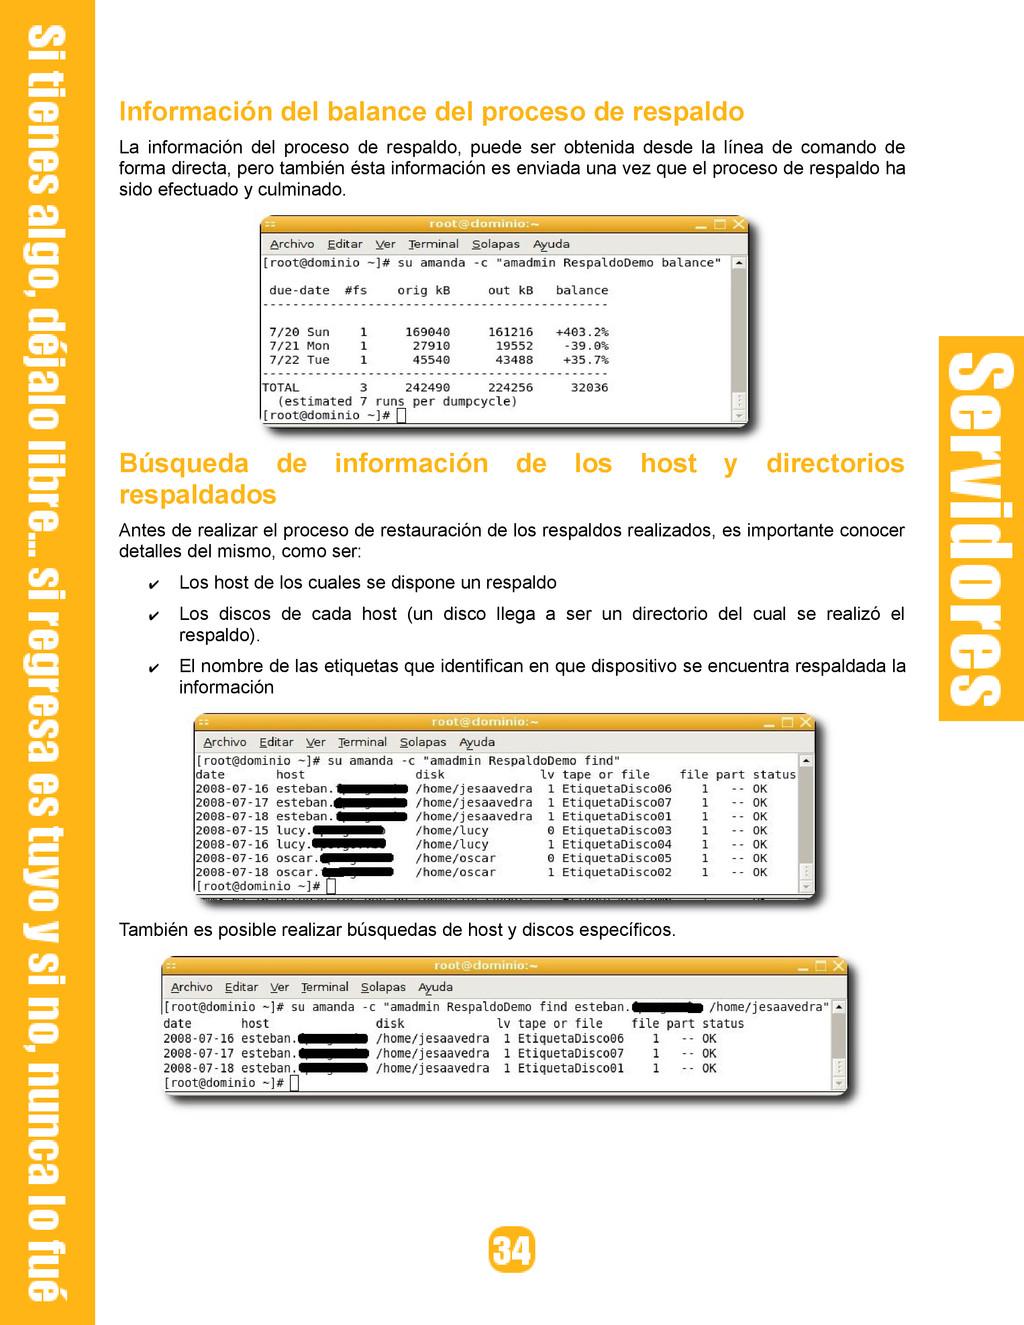 Información del balance del proceso de respaldo...